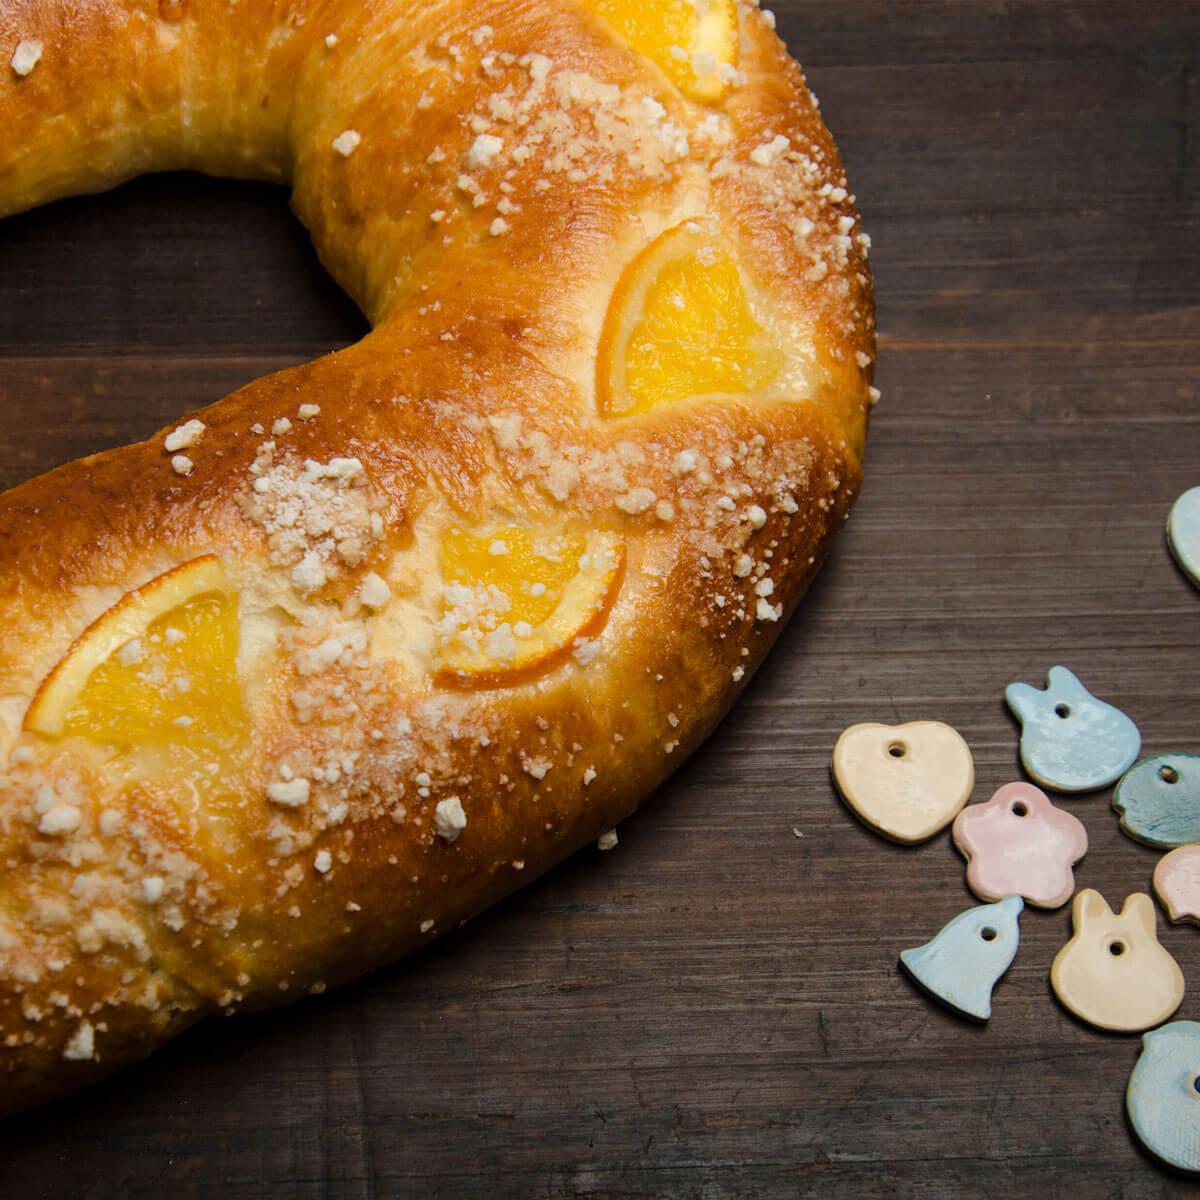 mejores roscones Reyes madrid - El Horno de Babette